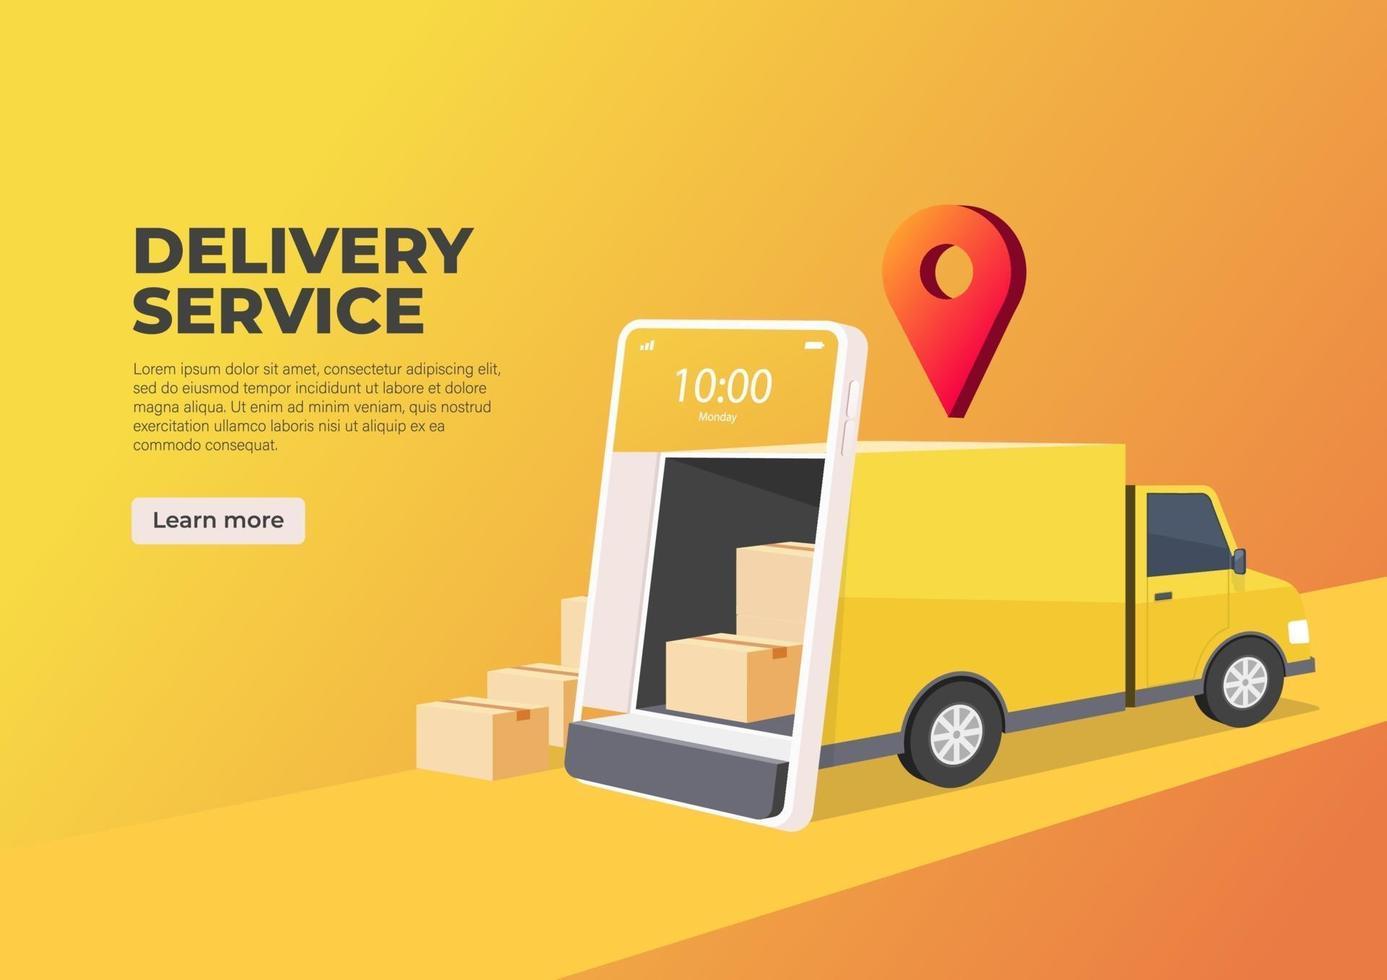 le camion de livraison ouvre la porte depuis l'écran du téléphone mobile. bannière de service de livraison en ligne. logistique intelligente, expédition de fret et transport de fret. vecteur